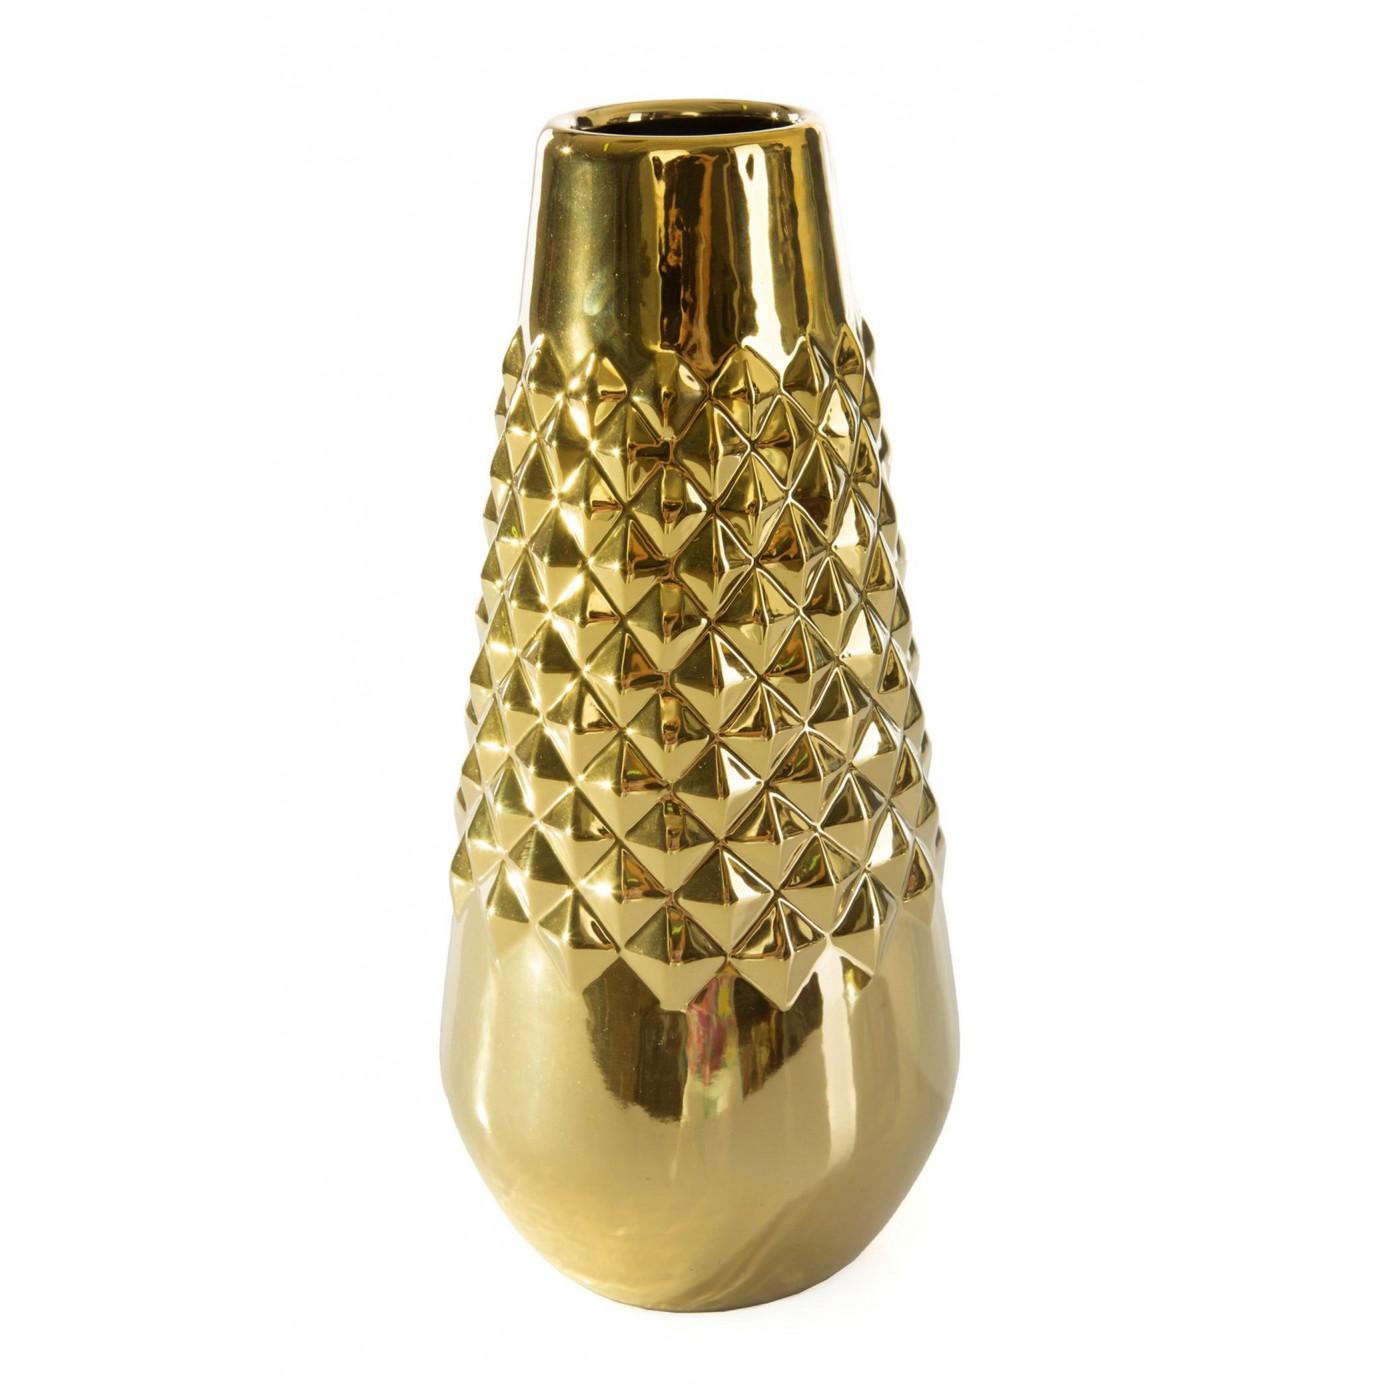 Dekoracyjny wazon ceramiczny wytłaczany złoty 35 cm